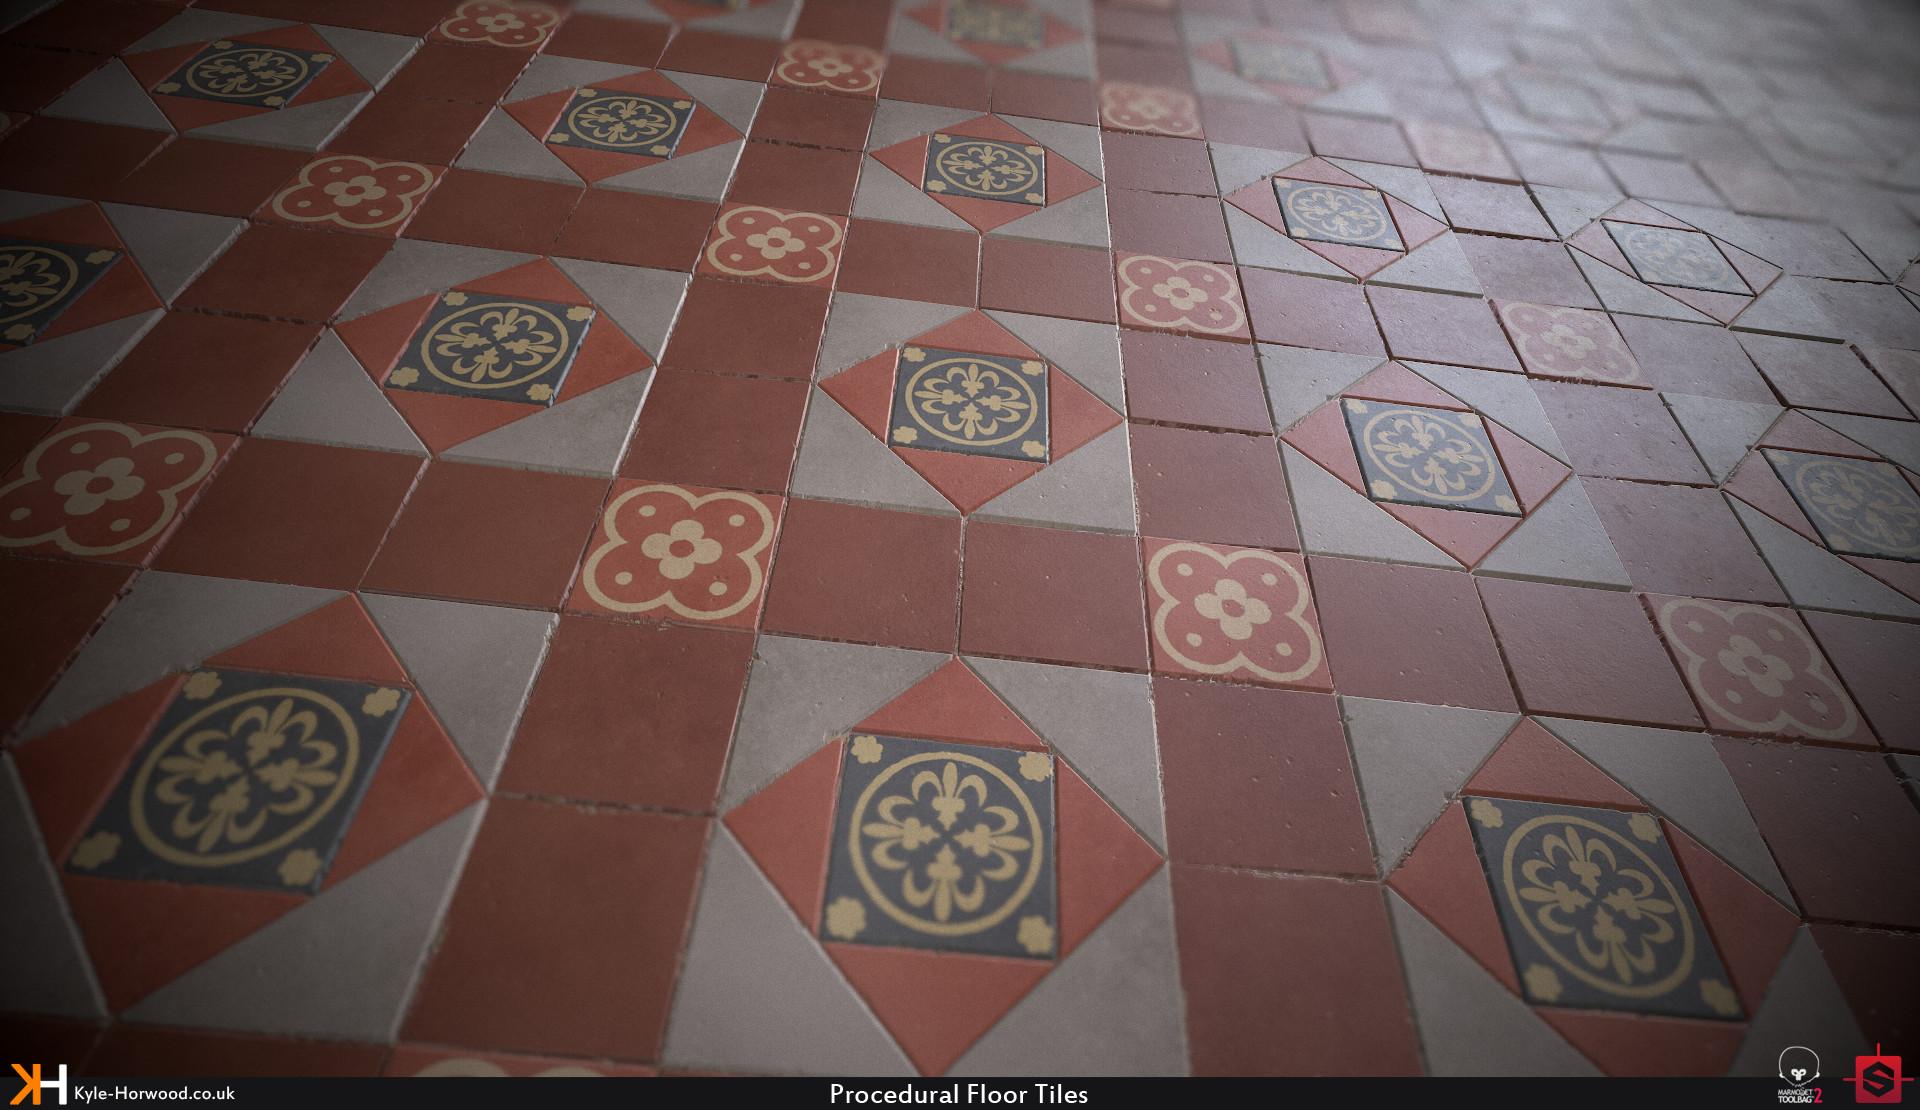 Artstation floor tiles substance designer pdf pattern tutorial artstation floor tiles substance designer pdf pattern tutorial kyle horwood dailygadgetfo Image collections